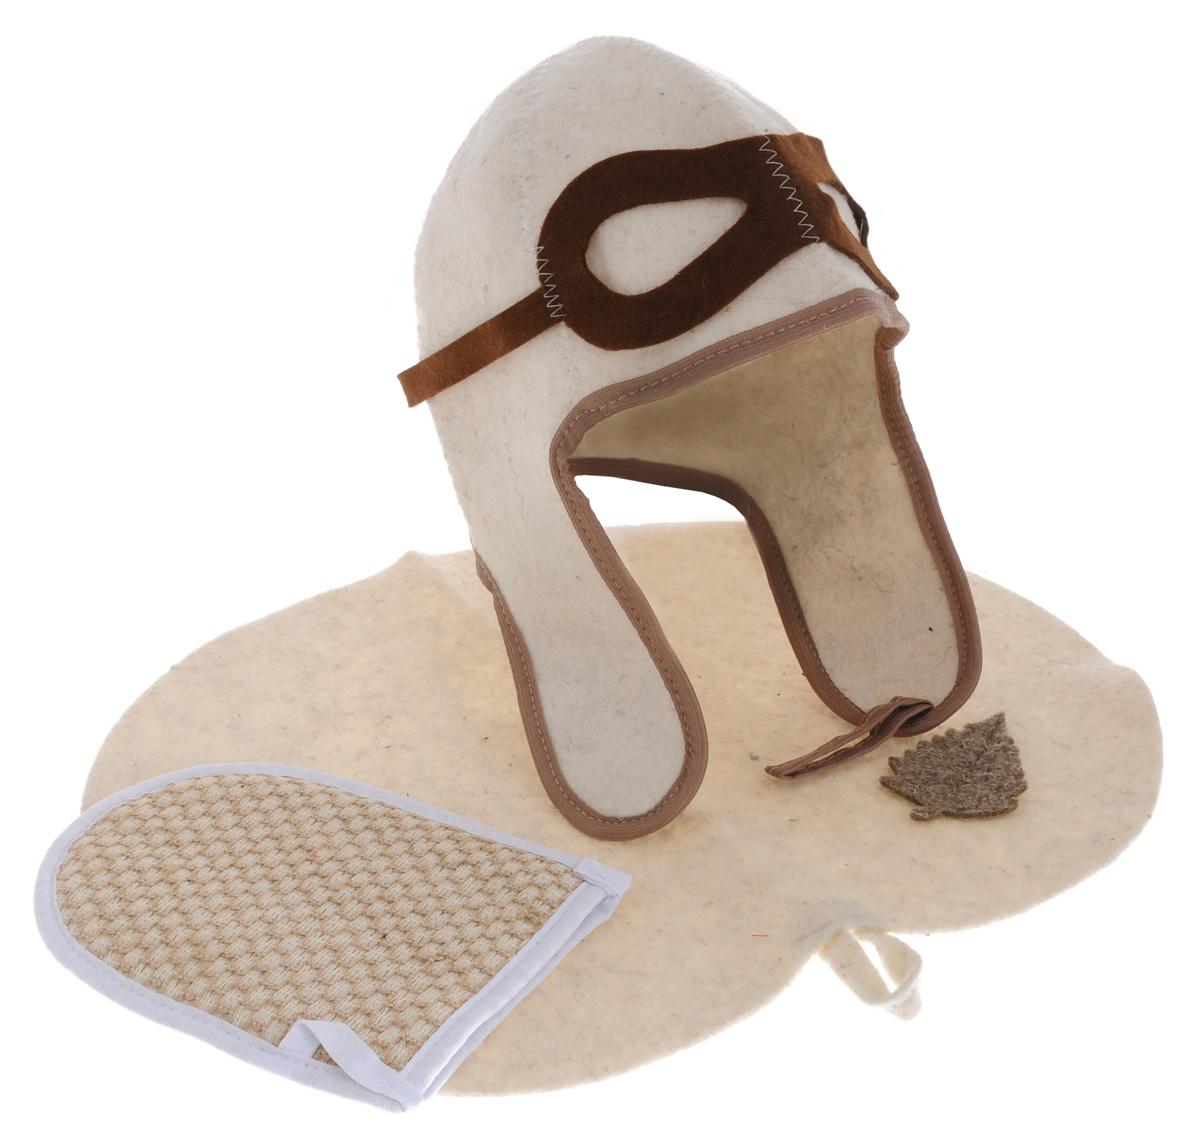 Набор для бани и сауны Главбаня Пилот, цвет: белый, коричневый, 3 предмета. Б32302Б32302_беж_мочалкаНабор для бани и сауны Главбаня Пилот состоит из необходимых аксессуаров, для того чтобы банный поход принес вам только радость. В набор входят: Шапка из войлока, выполненная в виде летного шлема. Это незаменимая вещь в парной. Она необходима для того, чтобы не перегреть голову. Мочалка средней жесткости из крапивы и хлопка. Оказывает нежное массажное и прекрасное отшелушивающее воздействие на кожу. Коврик из войлока, украшенный аппликацией в виде листочка. Он убережет вас от горячей полки и защитит в общественной бане. Размер коврика: 43 см х 31 см. Размер мочалки: 19 см х 15,5 см. Обхват головы: 64 см. Высота шапки: 34 см.